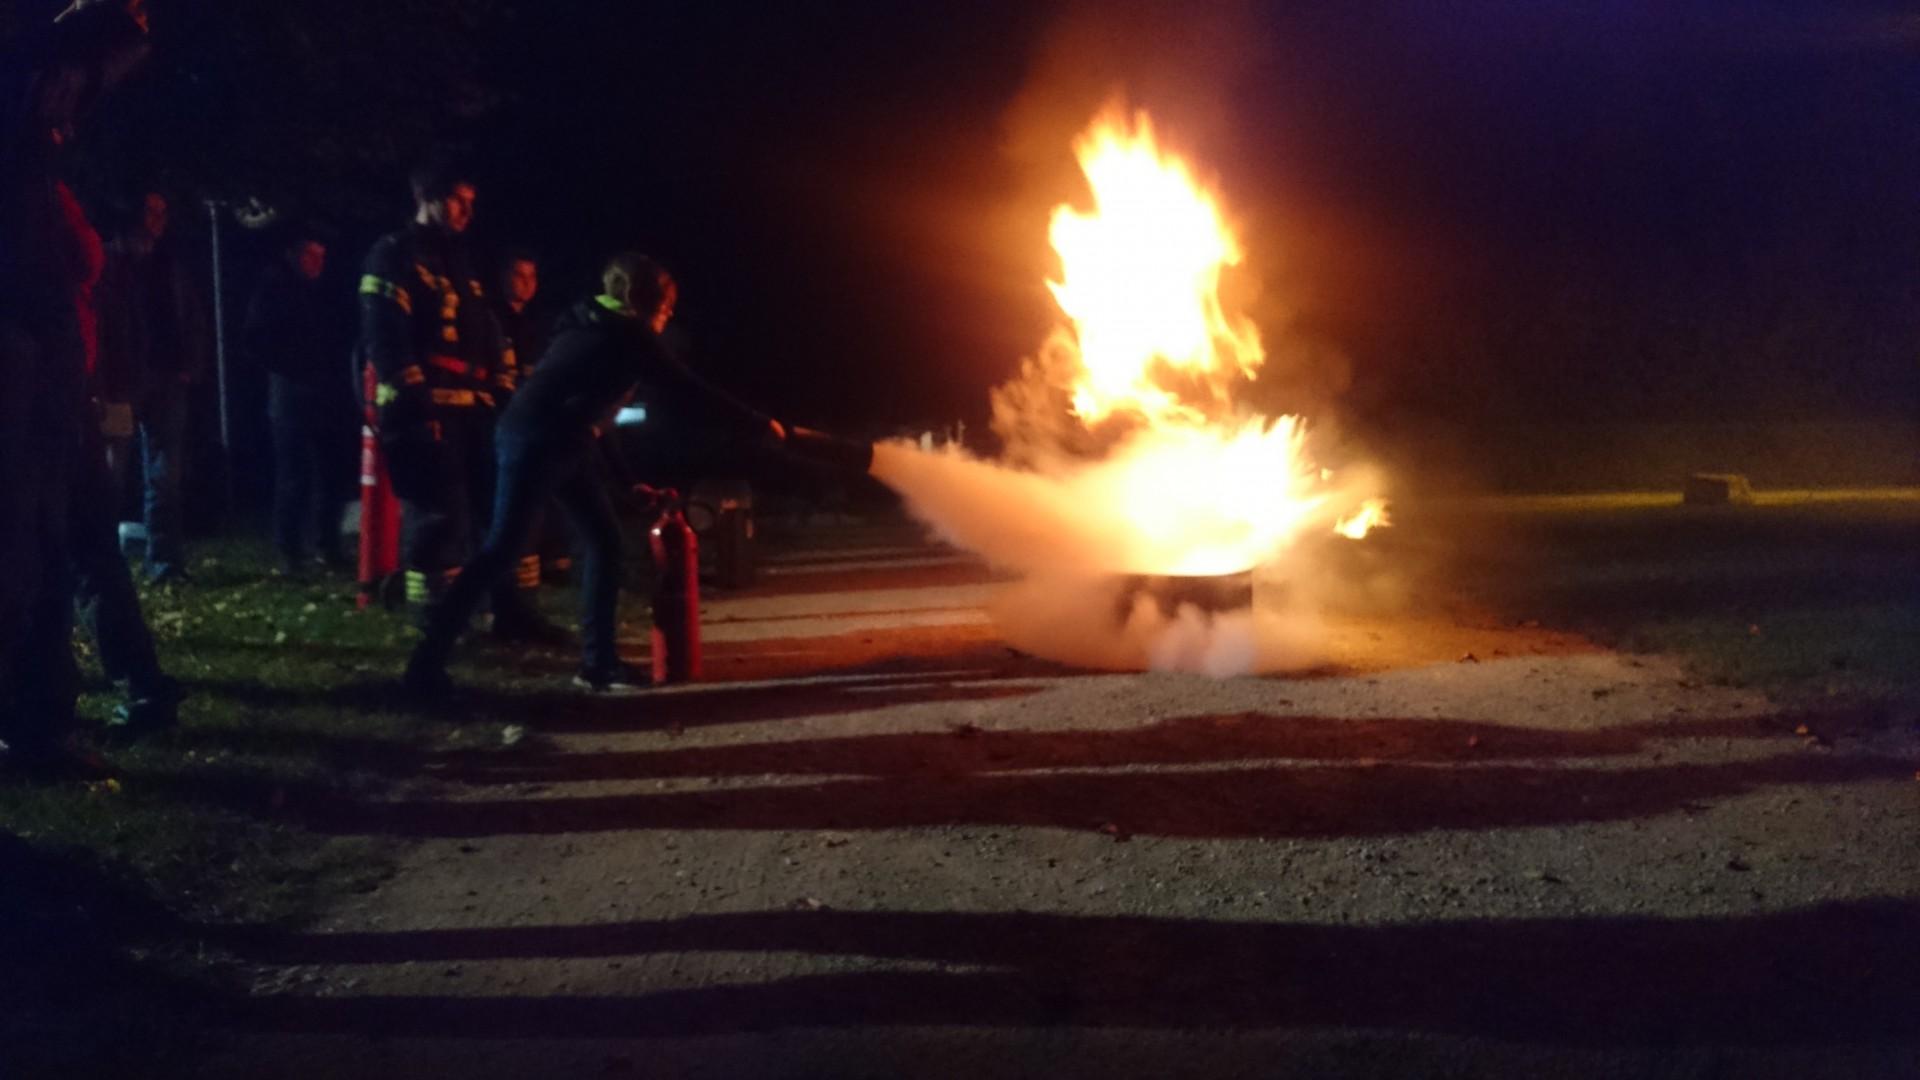 Sredina srečanja gasilske mladine - gasilniki